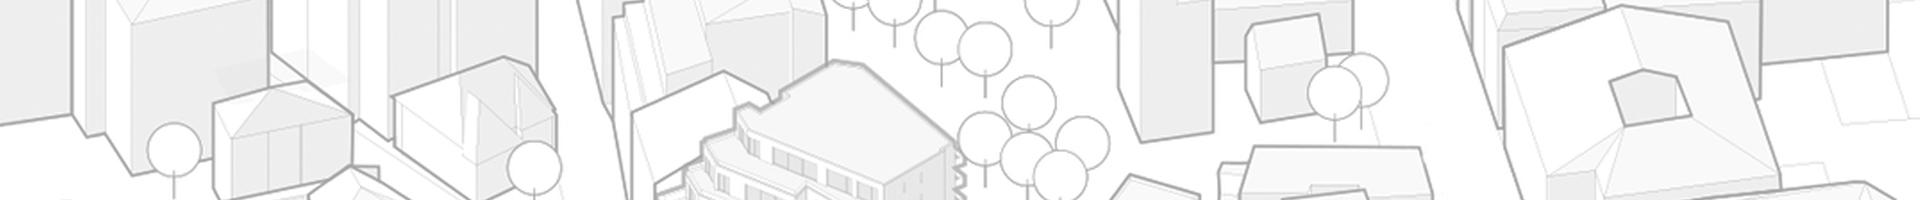 Fahnen Masten Stangen Architekten Planer Gartenbau bestellen Shop Schweiz